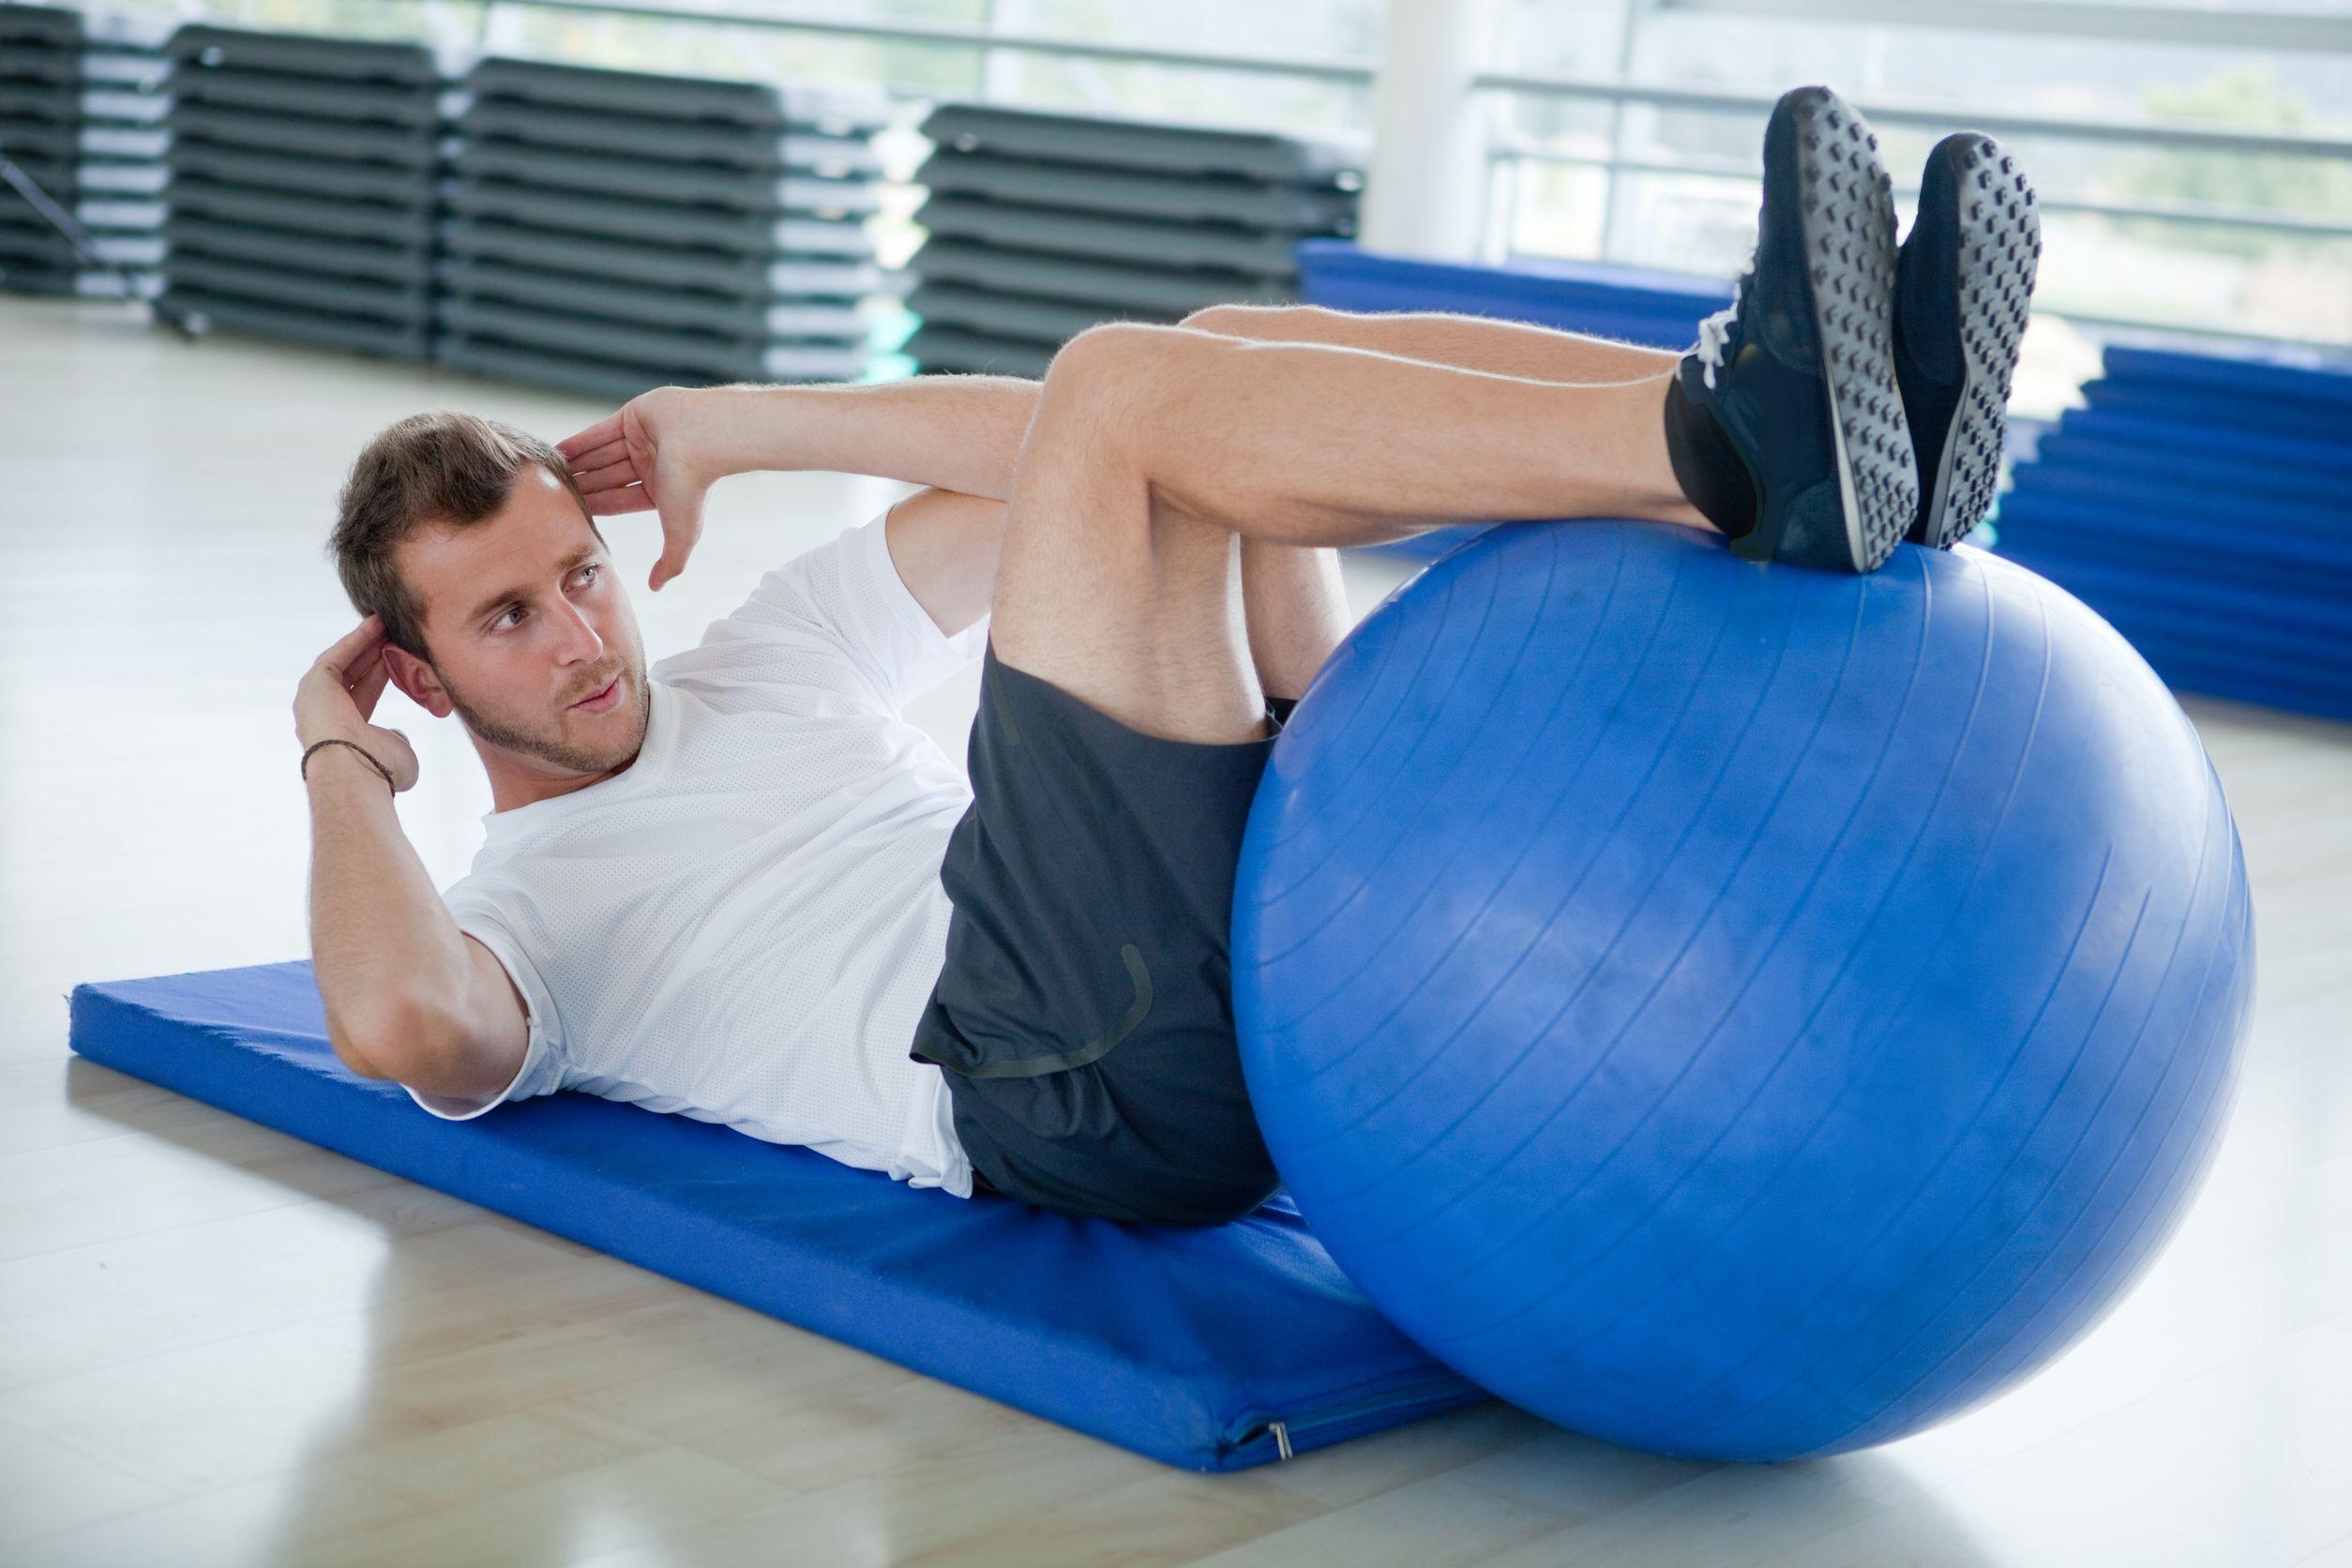 التمارين الرياضية في رمضان.jpg 2